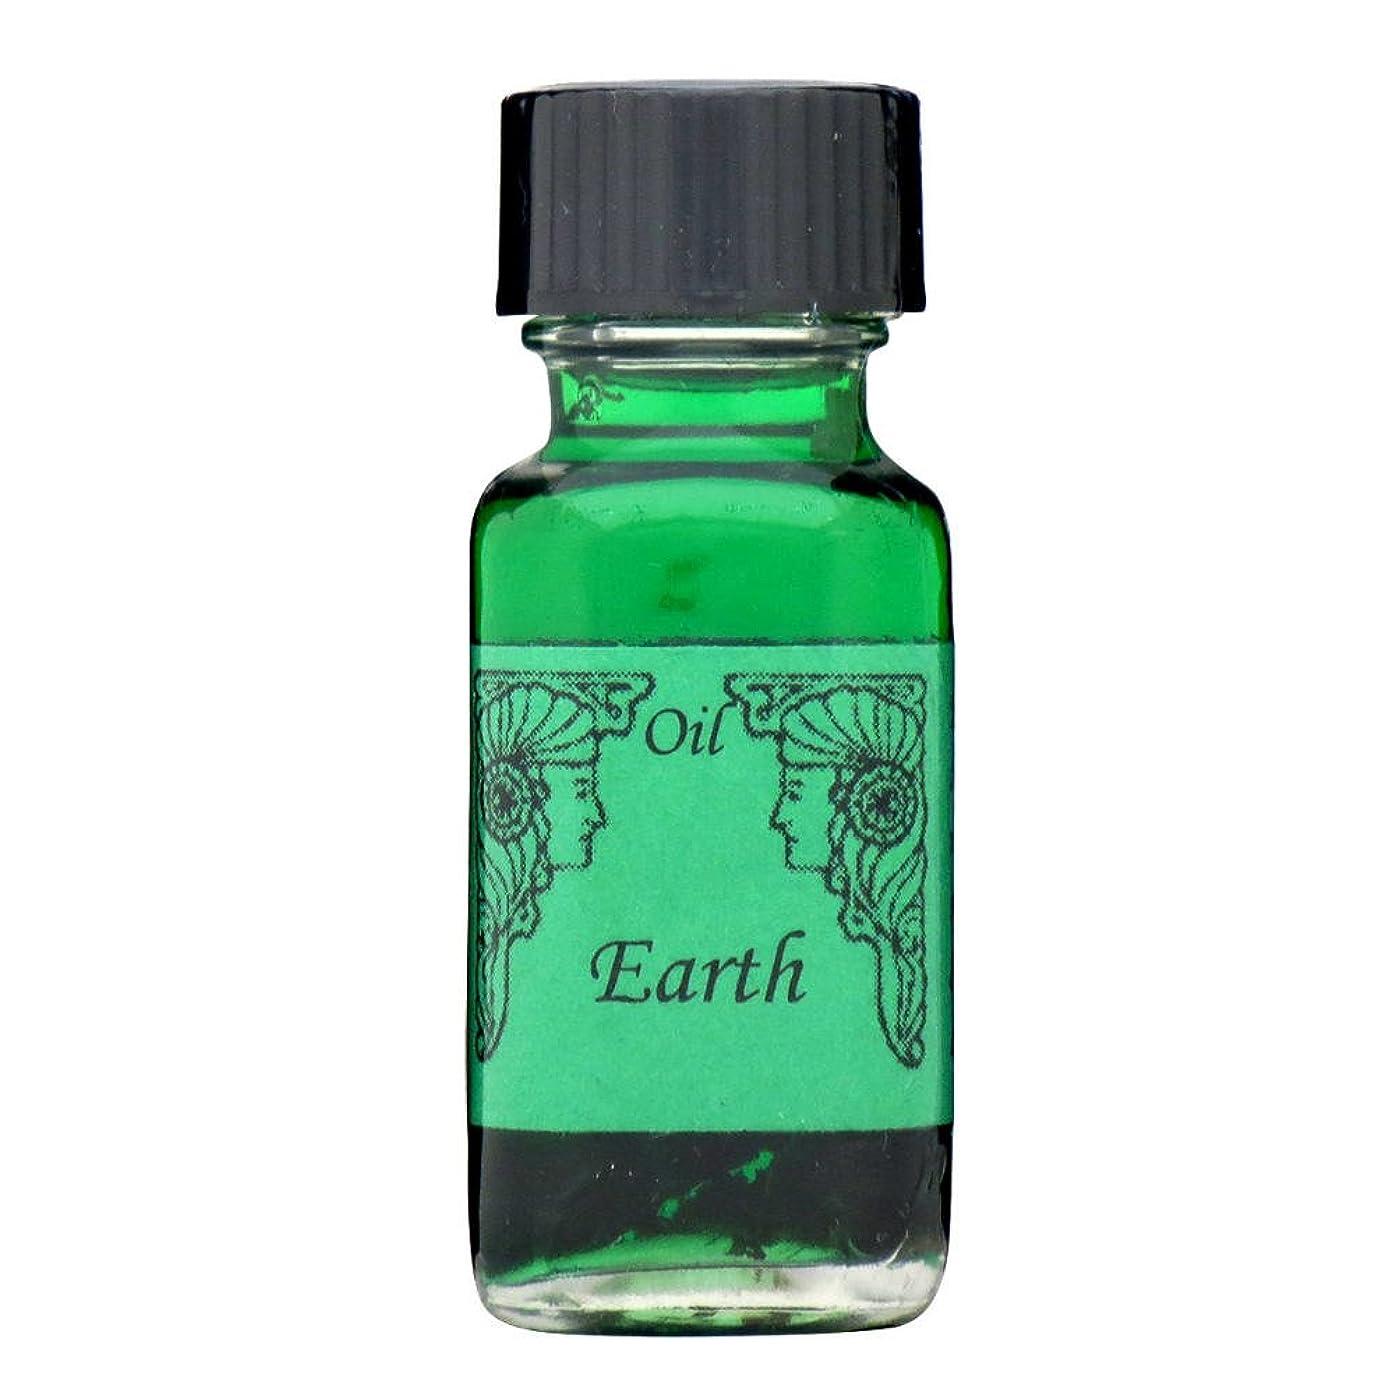 アルカイックバターまぶしさアンシェントメモリーオイル アース (地) 15ml (Ancient Memory Oils)